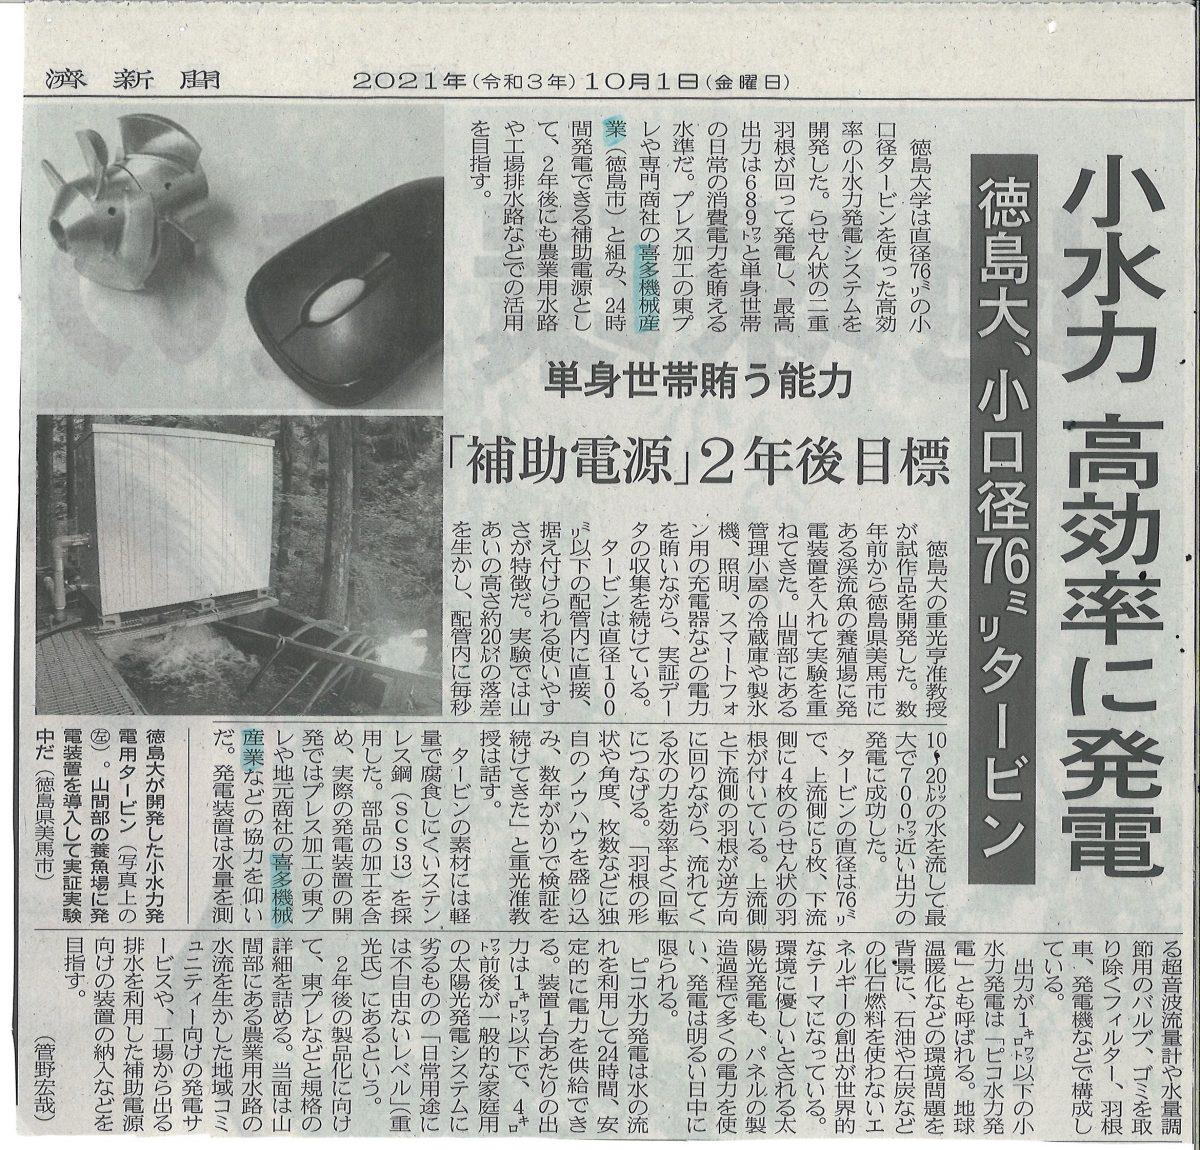 10/1 日経新聞に掲載されました!